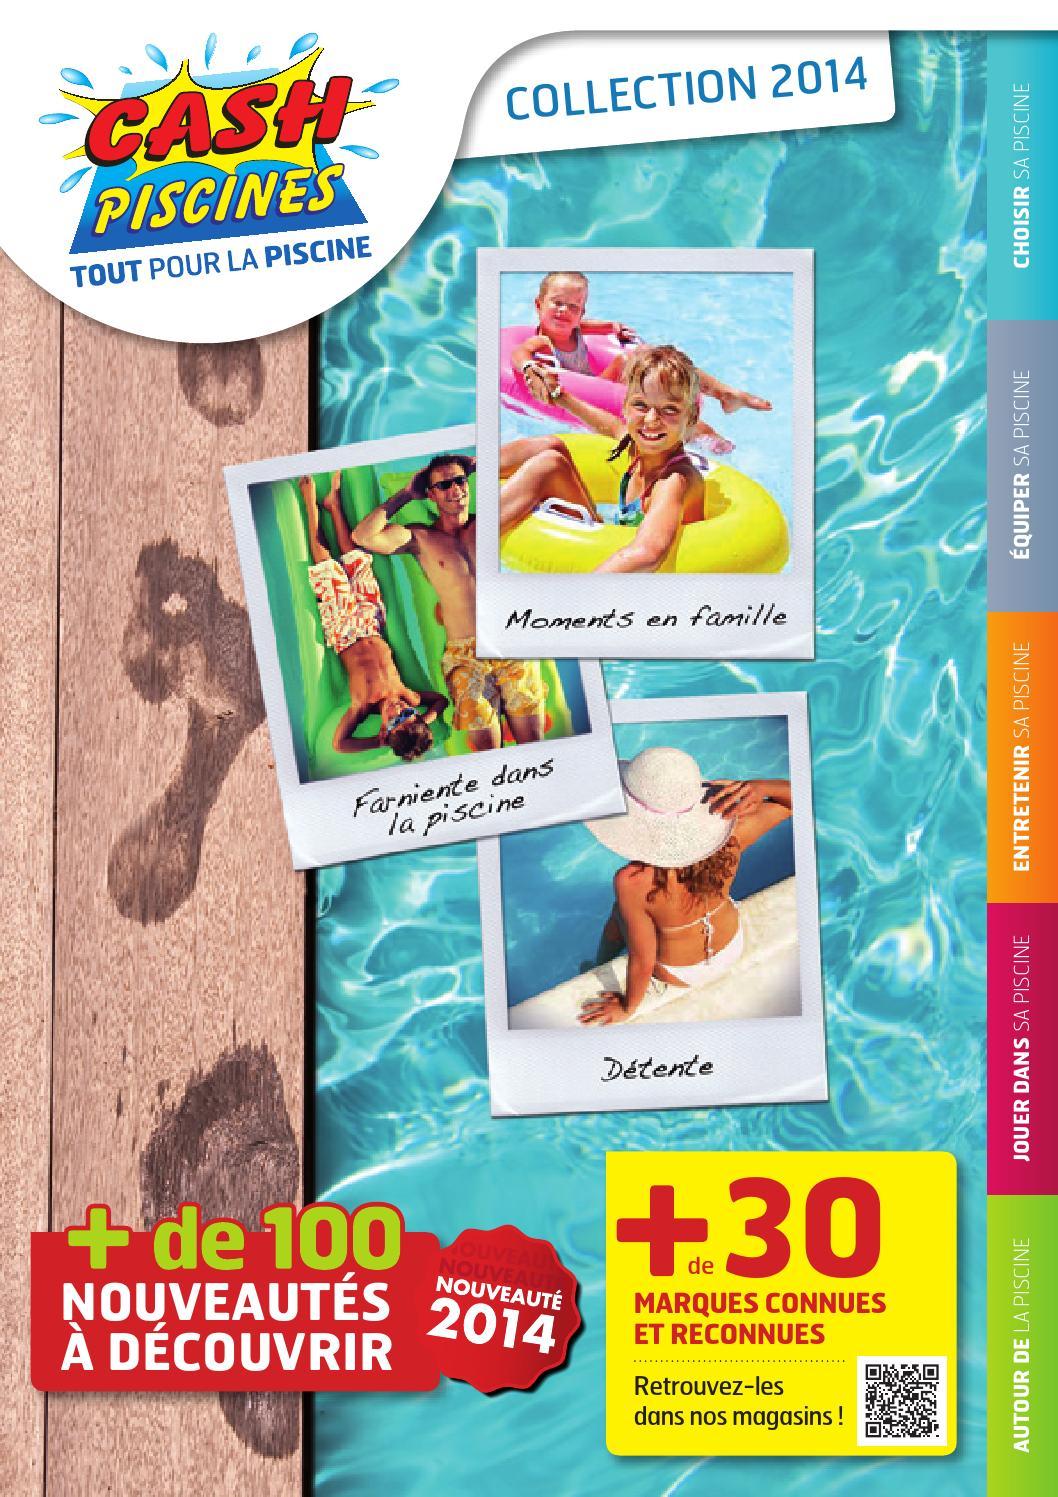 Cash Piscines Catalogue 2014 By Octave Octave - Issuu à Cash Piscine La Roche Sur Yon